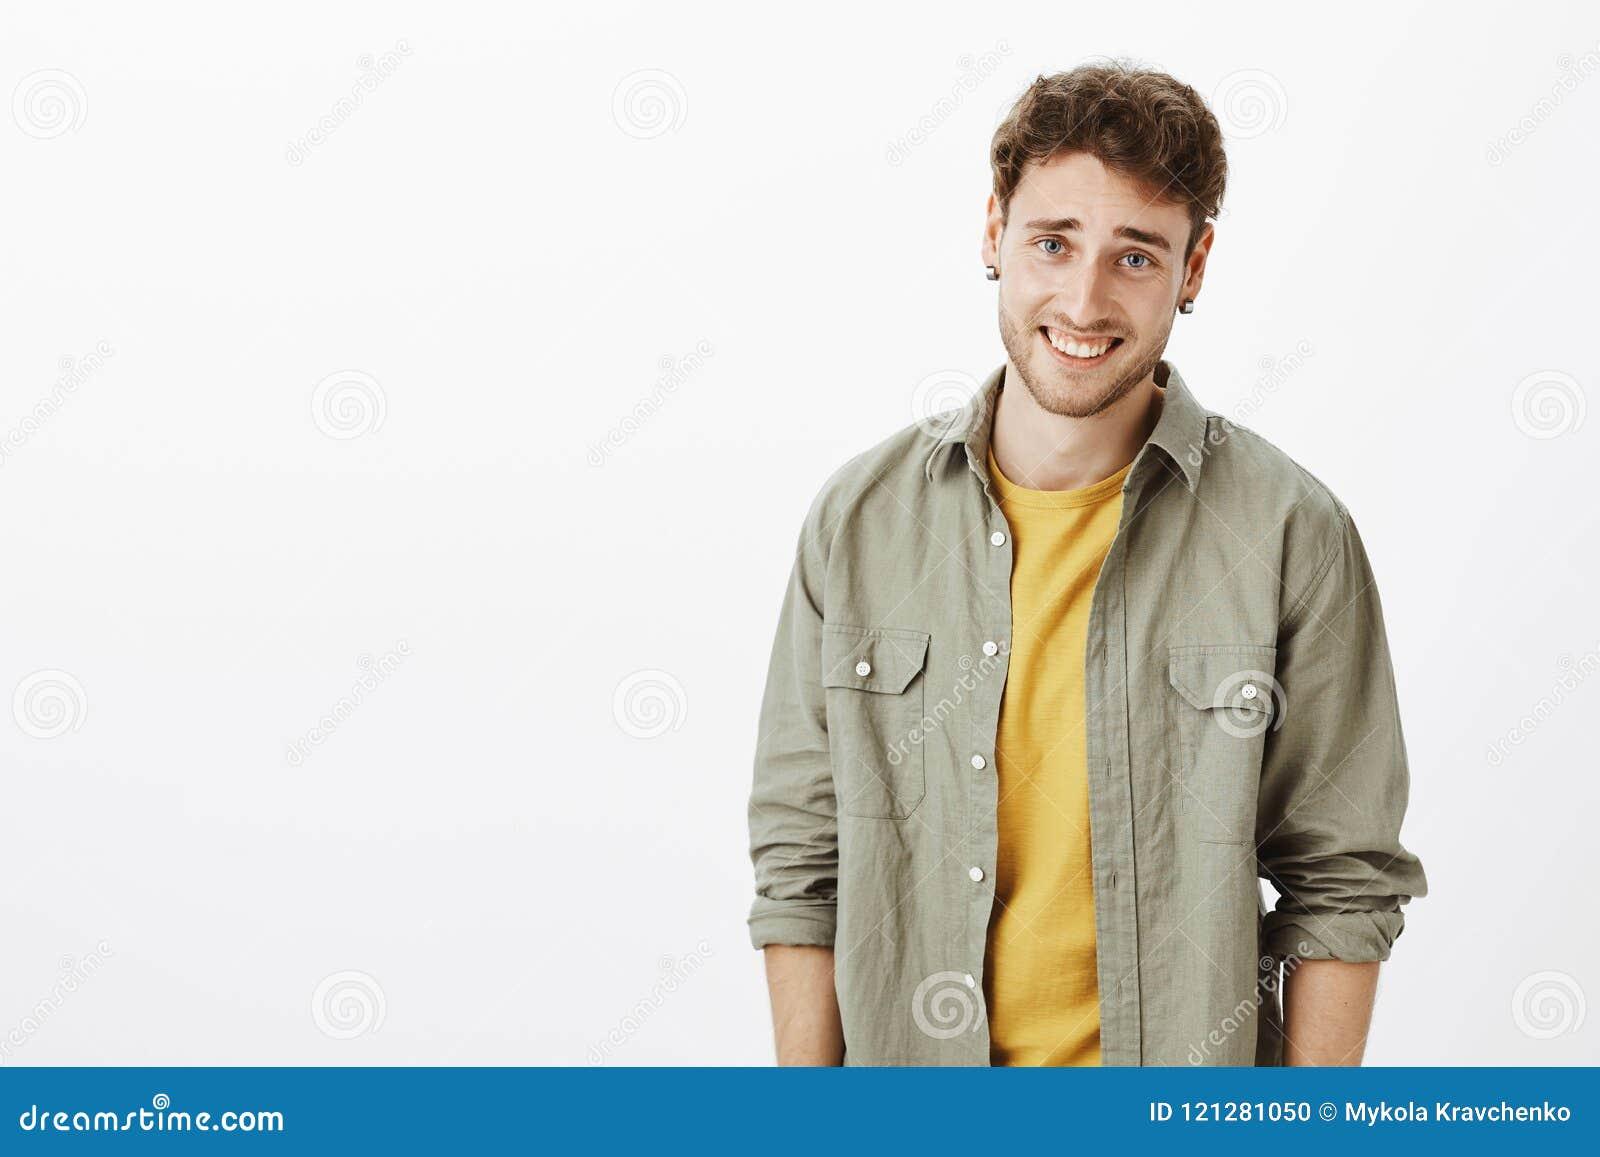 Taille-op schot die van arrogant knap en zelf-verzekerd krullend-haired mannetje met varkenshaar, en wensminachting lachen bekijk